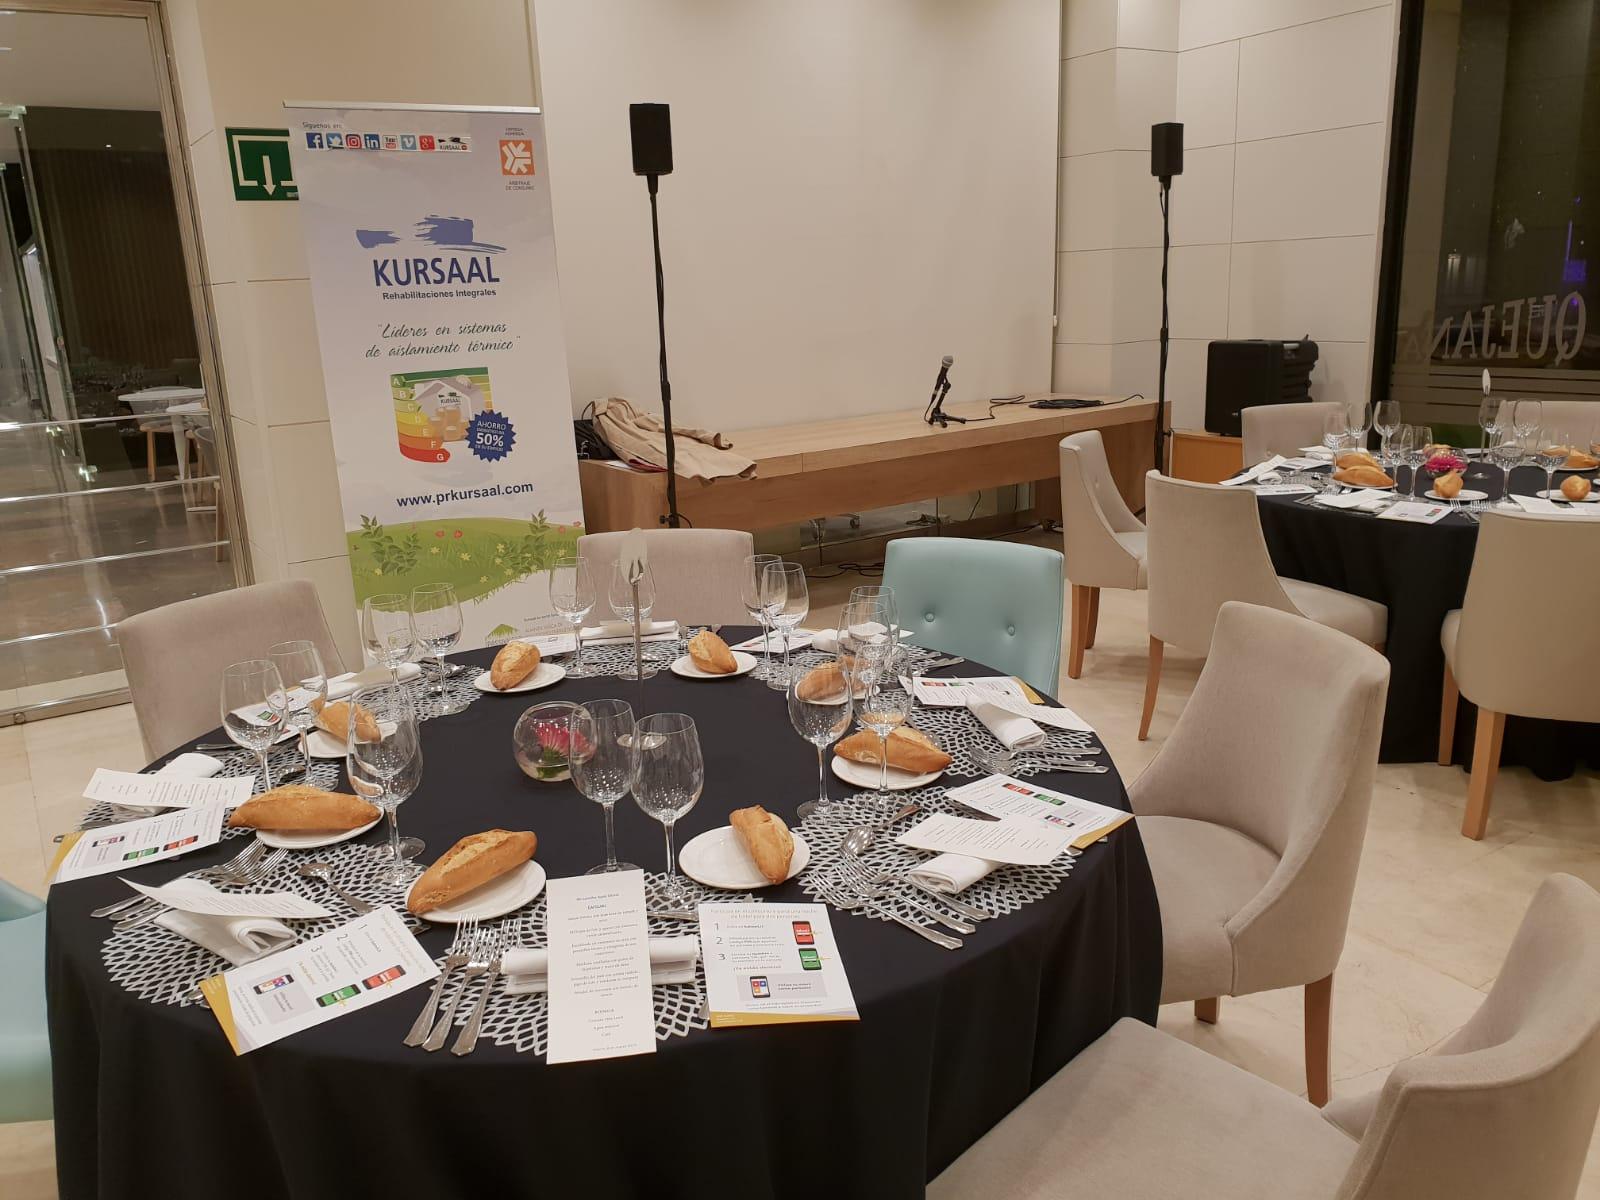 imagen 2 de noticia: un-ao-ms-participamos-en-la-cena-de-hermandad-anual-del-colegio-de-administradores